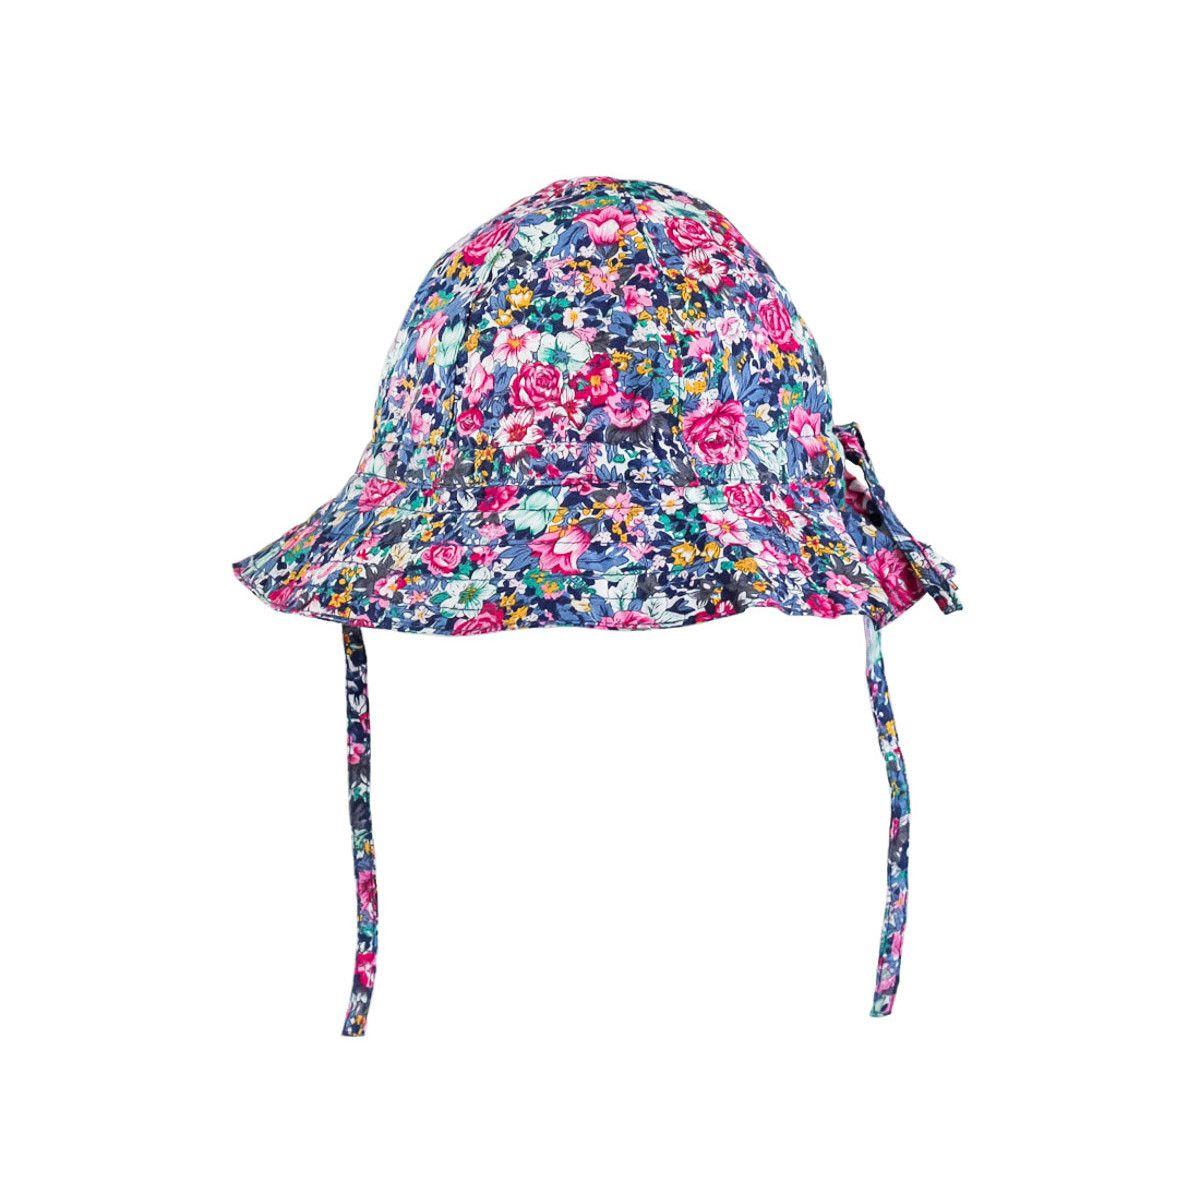 Chapeau de soleil bébé coton réglable à fleurs